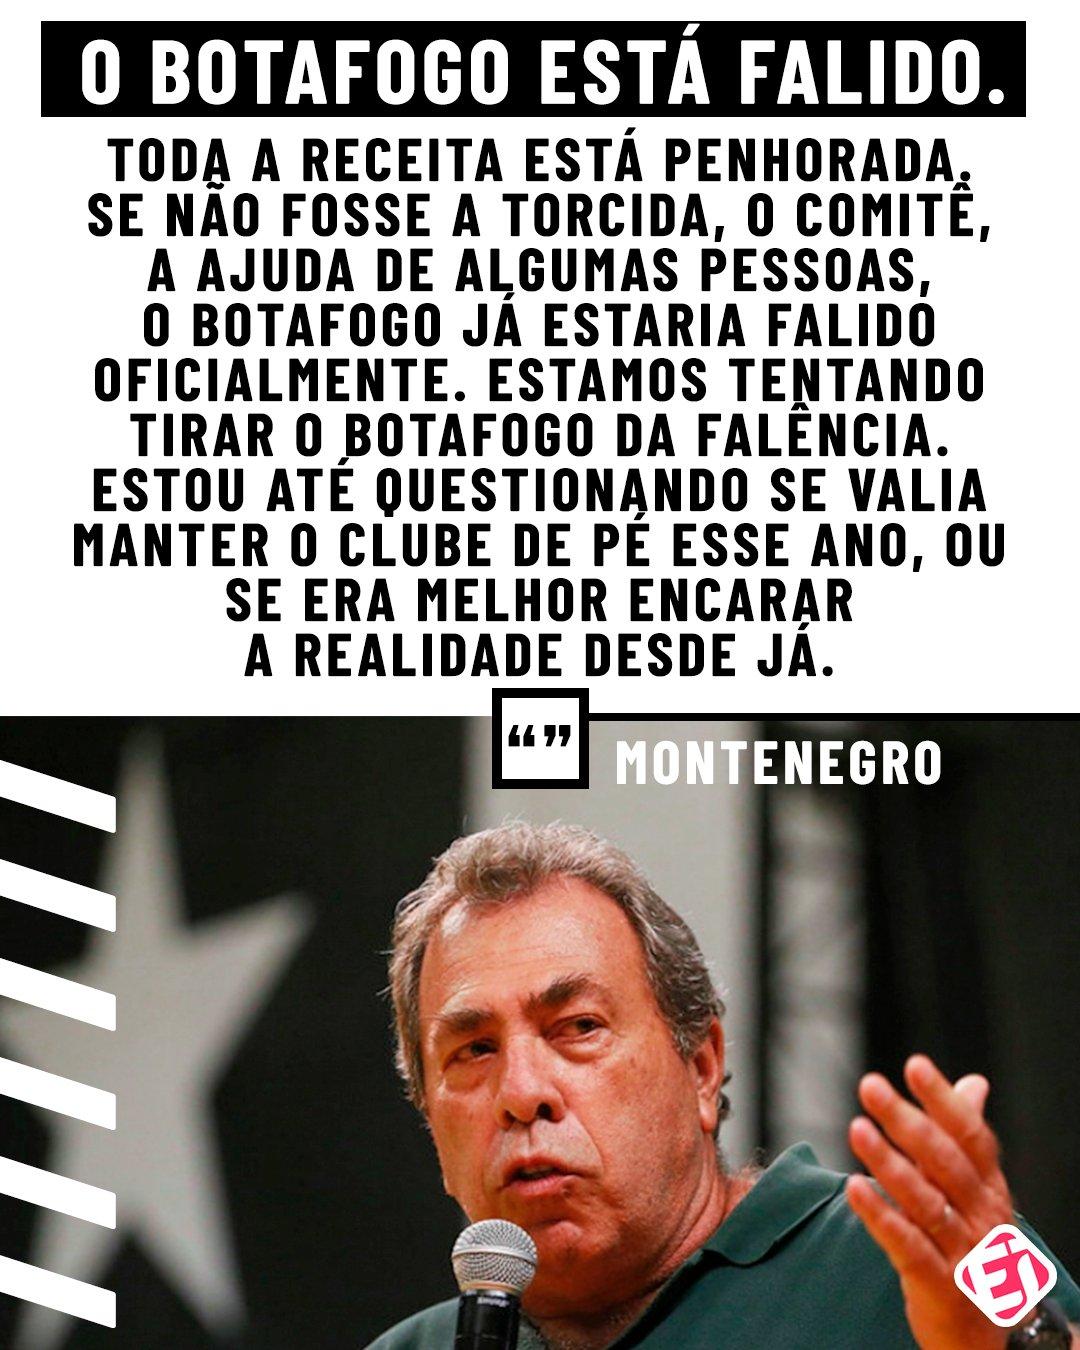 """Esporte Interativo (de 🏠) on Twitter: """"'O CLUBE ESTÁ FALIDO' Membro do  comitê executivo do @Botafogo, Montenegro abriu o jogo sobre a SITUAÇÃO  DELICADA do Alvinegro.… https://t.co/mfScABMlSd"""""""